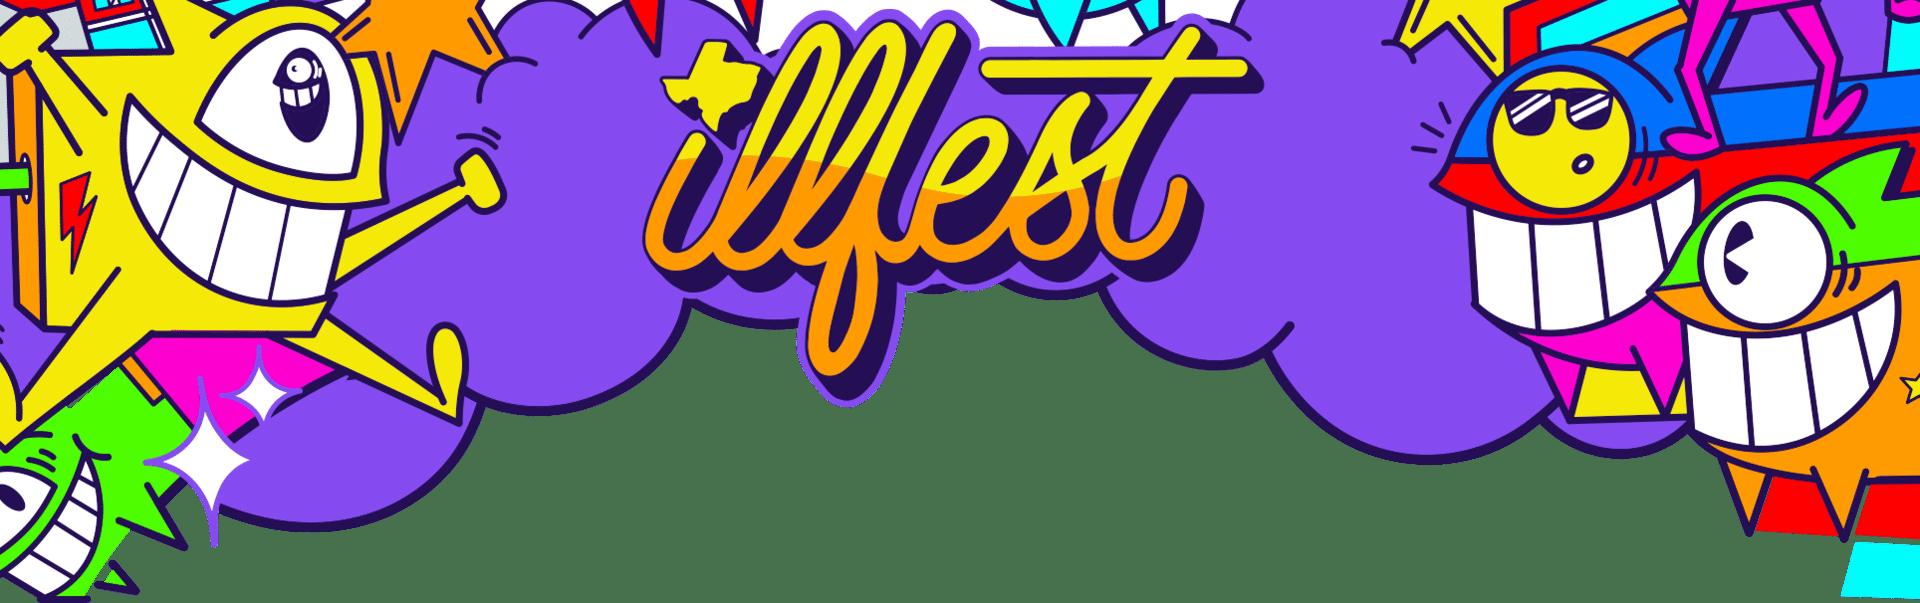 ILLfest